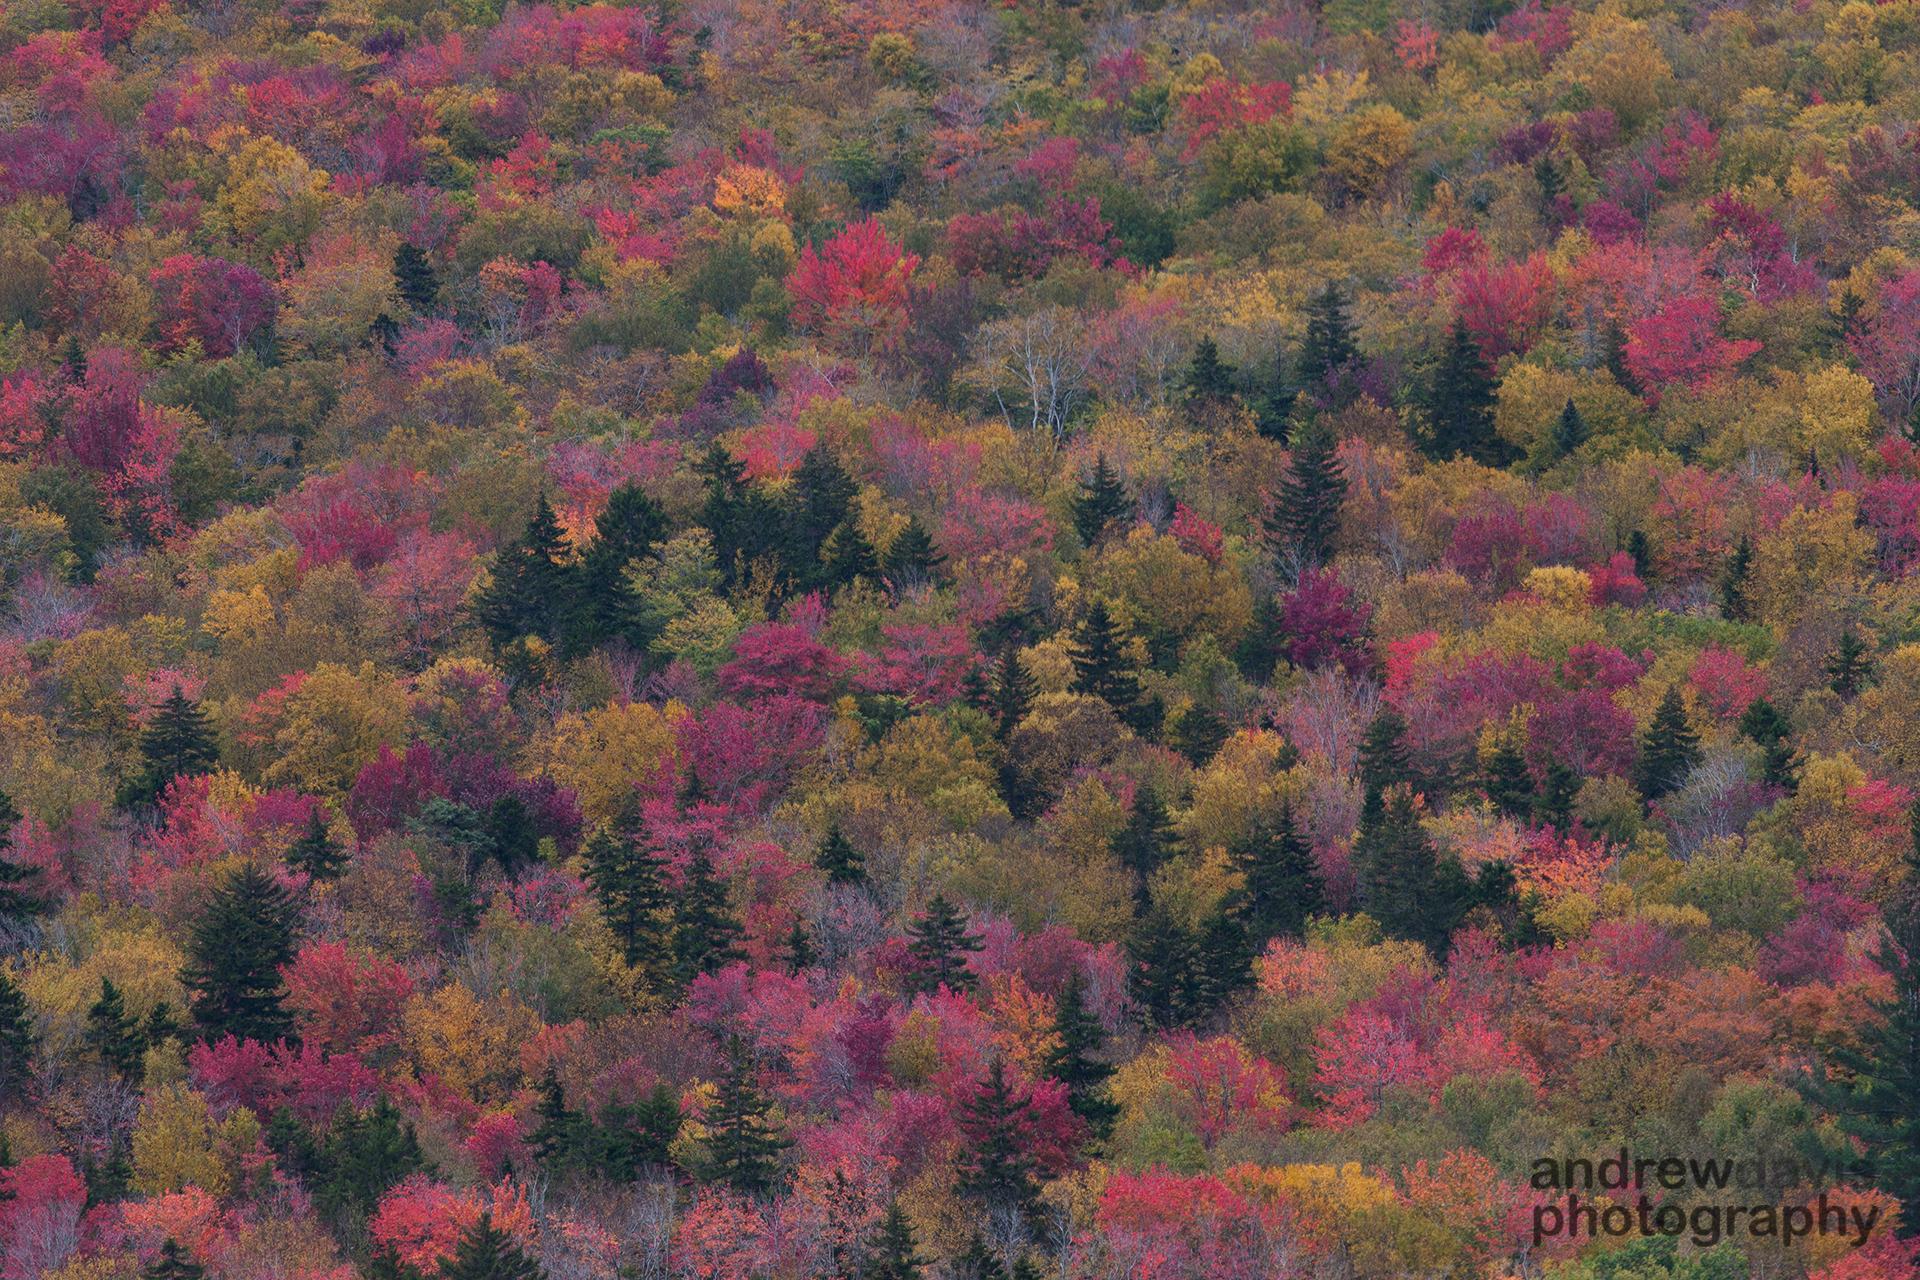 Pinkham Notch, White Mountains, New Hampshire, U.S.A